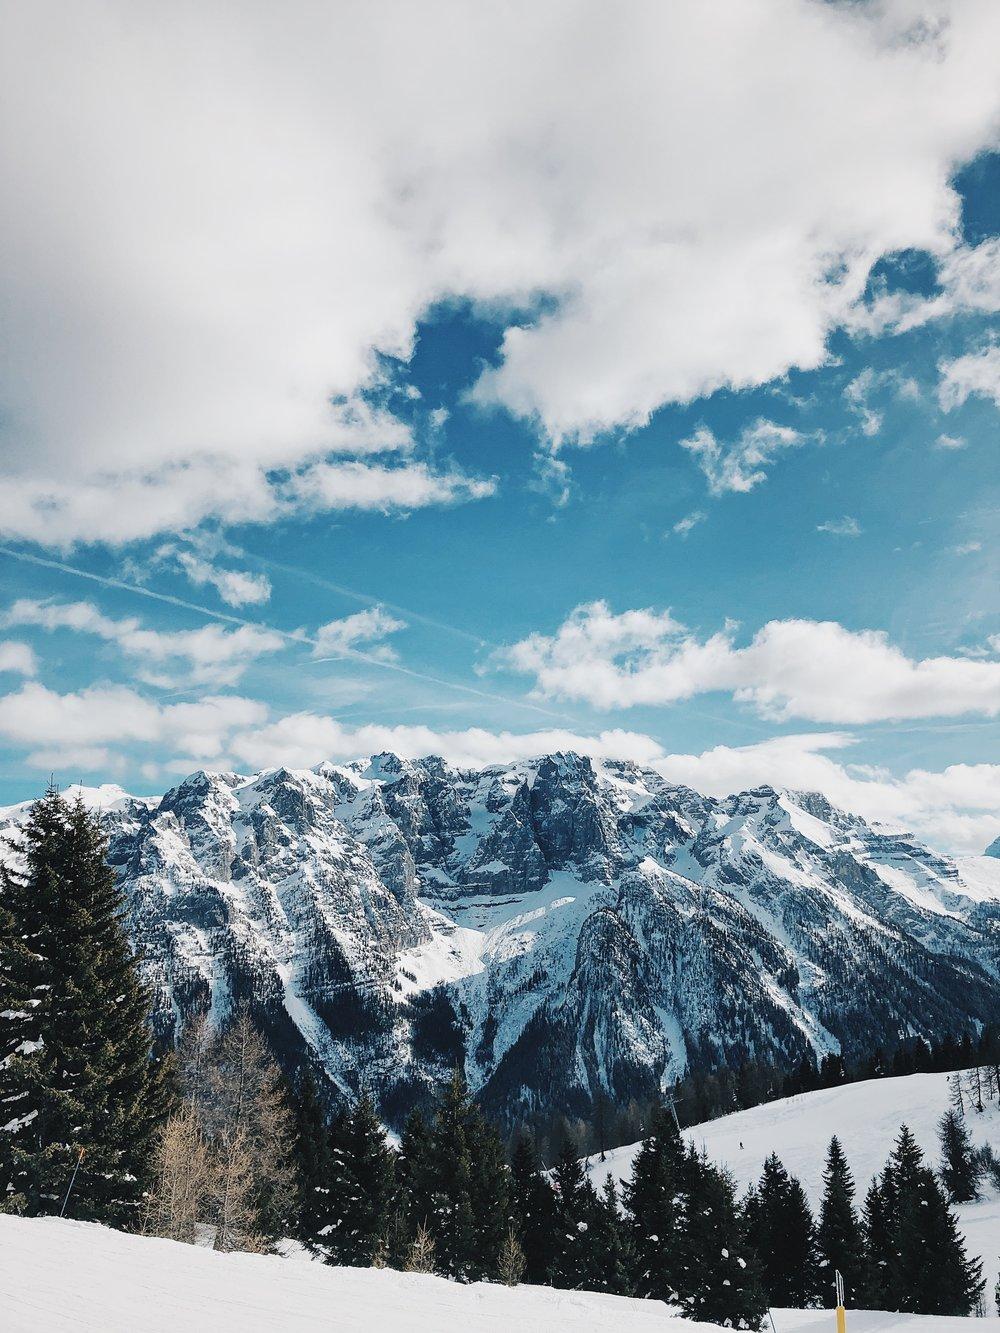 Typowy widok we włoskich Alpach.